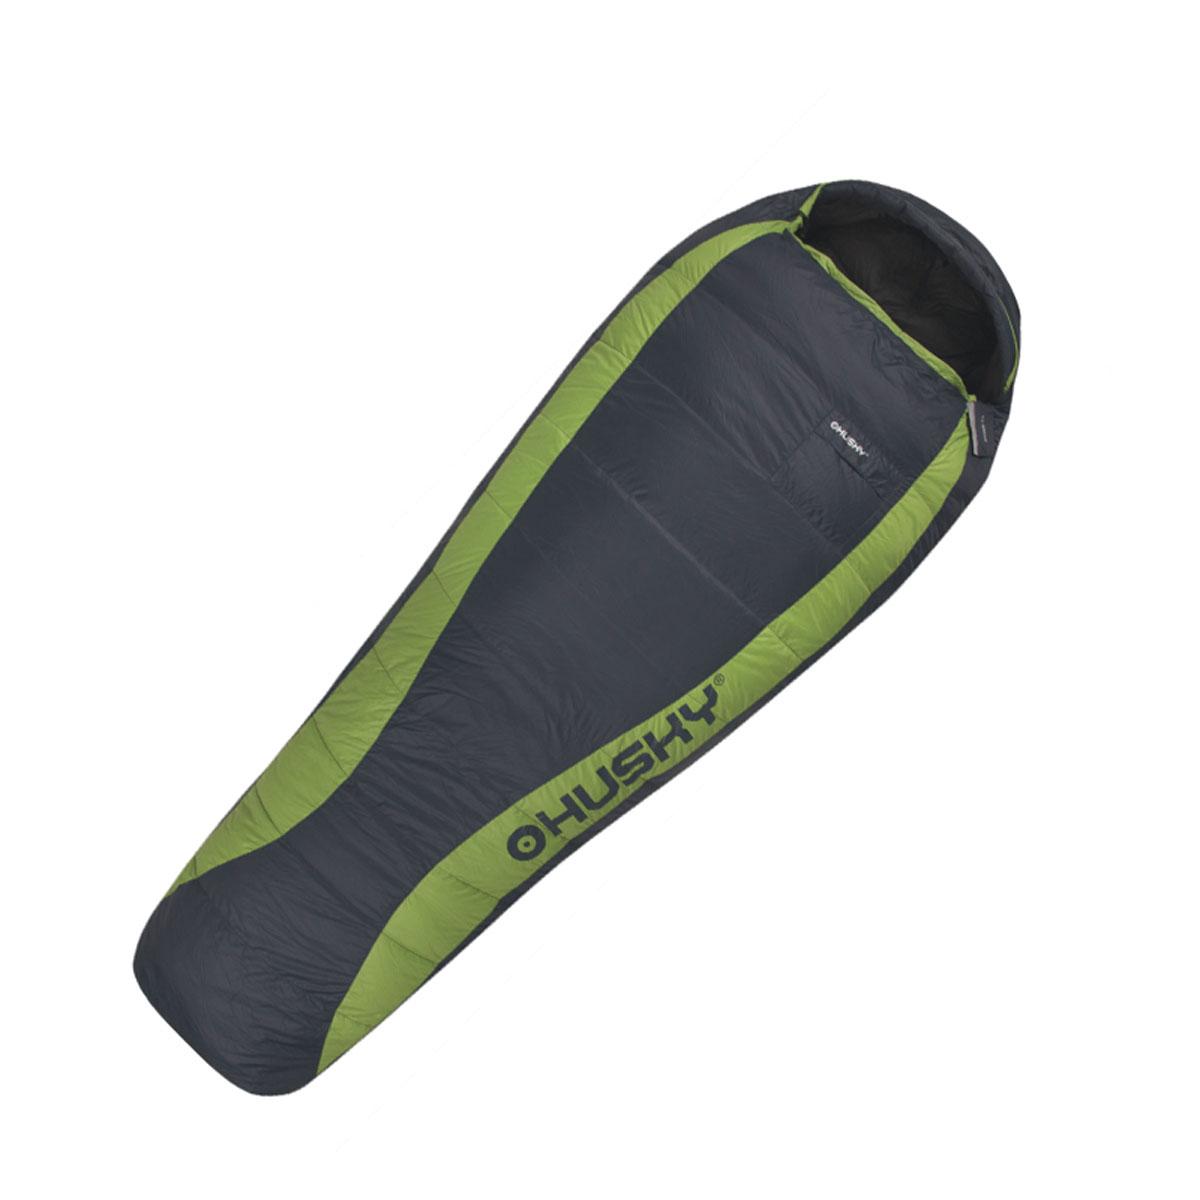 Спальный мешок Husky Dinis, правосторонняя молния, цвет: серый, зеленыйSPIRIT ED 1050Пуховый спальный мешок с весом всего 830 грамм.Самые современные ткани, внутренний воротник, антискользящие полосы, карманы снаружи и внутри, теплыемолнии YKK, компрессионный мешок.Внутренний материал: 380T нейлон.Внешний материал: 20D нейлон Tactel.Утеплитель: гусиный пух 90/10 700 cuin.